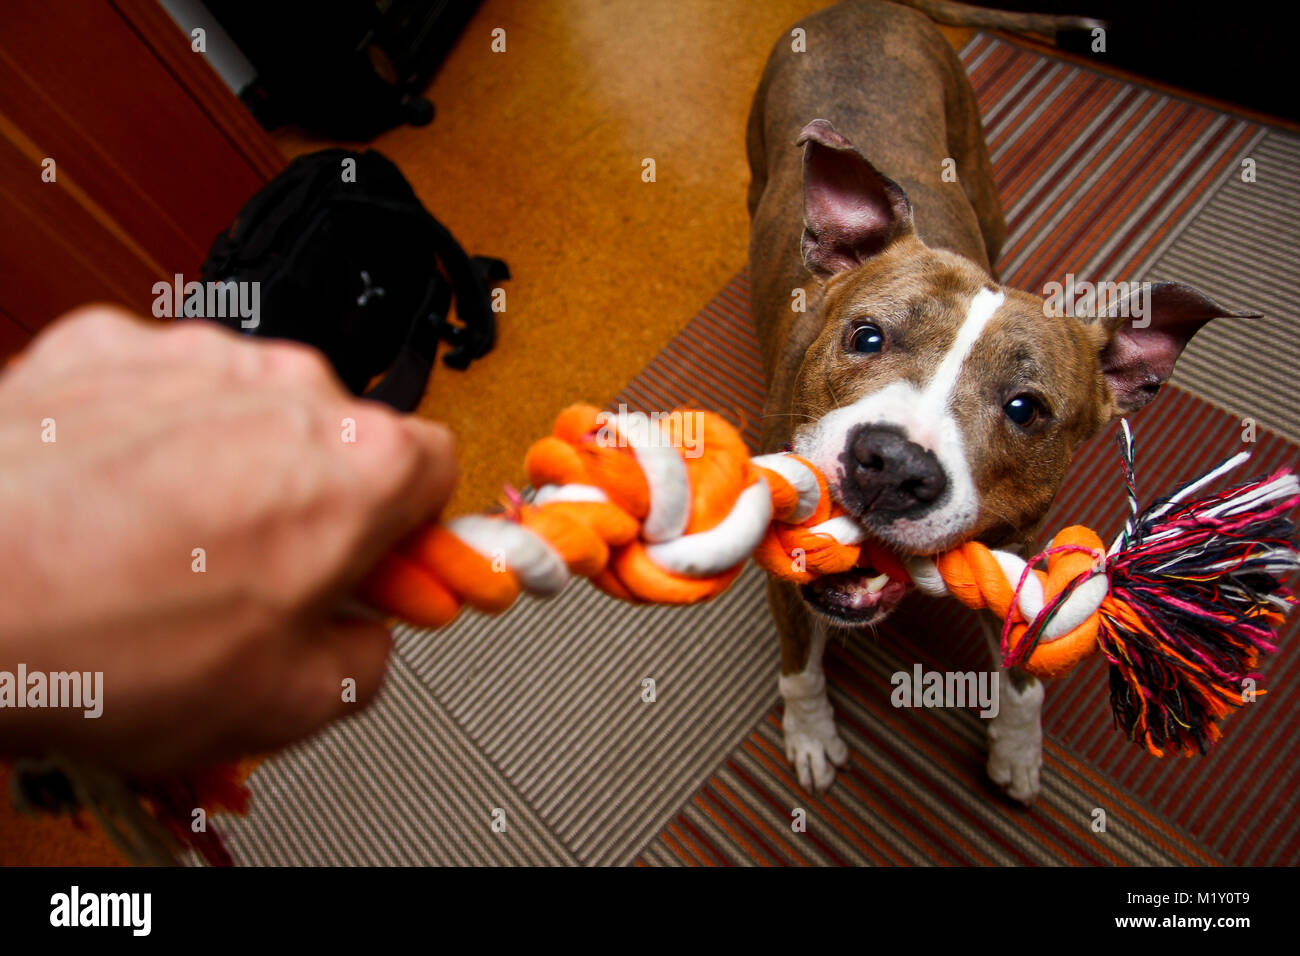 Un American Staffordshire terrier joue avec une corde. Il la tient dans ses mâchoires avec une grande force. Photo Stock